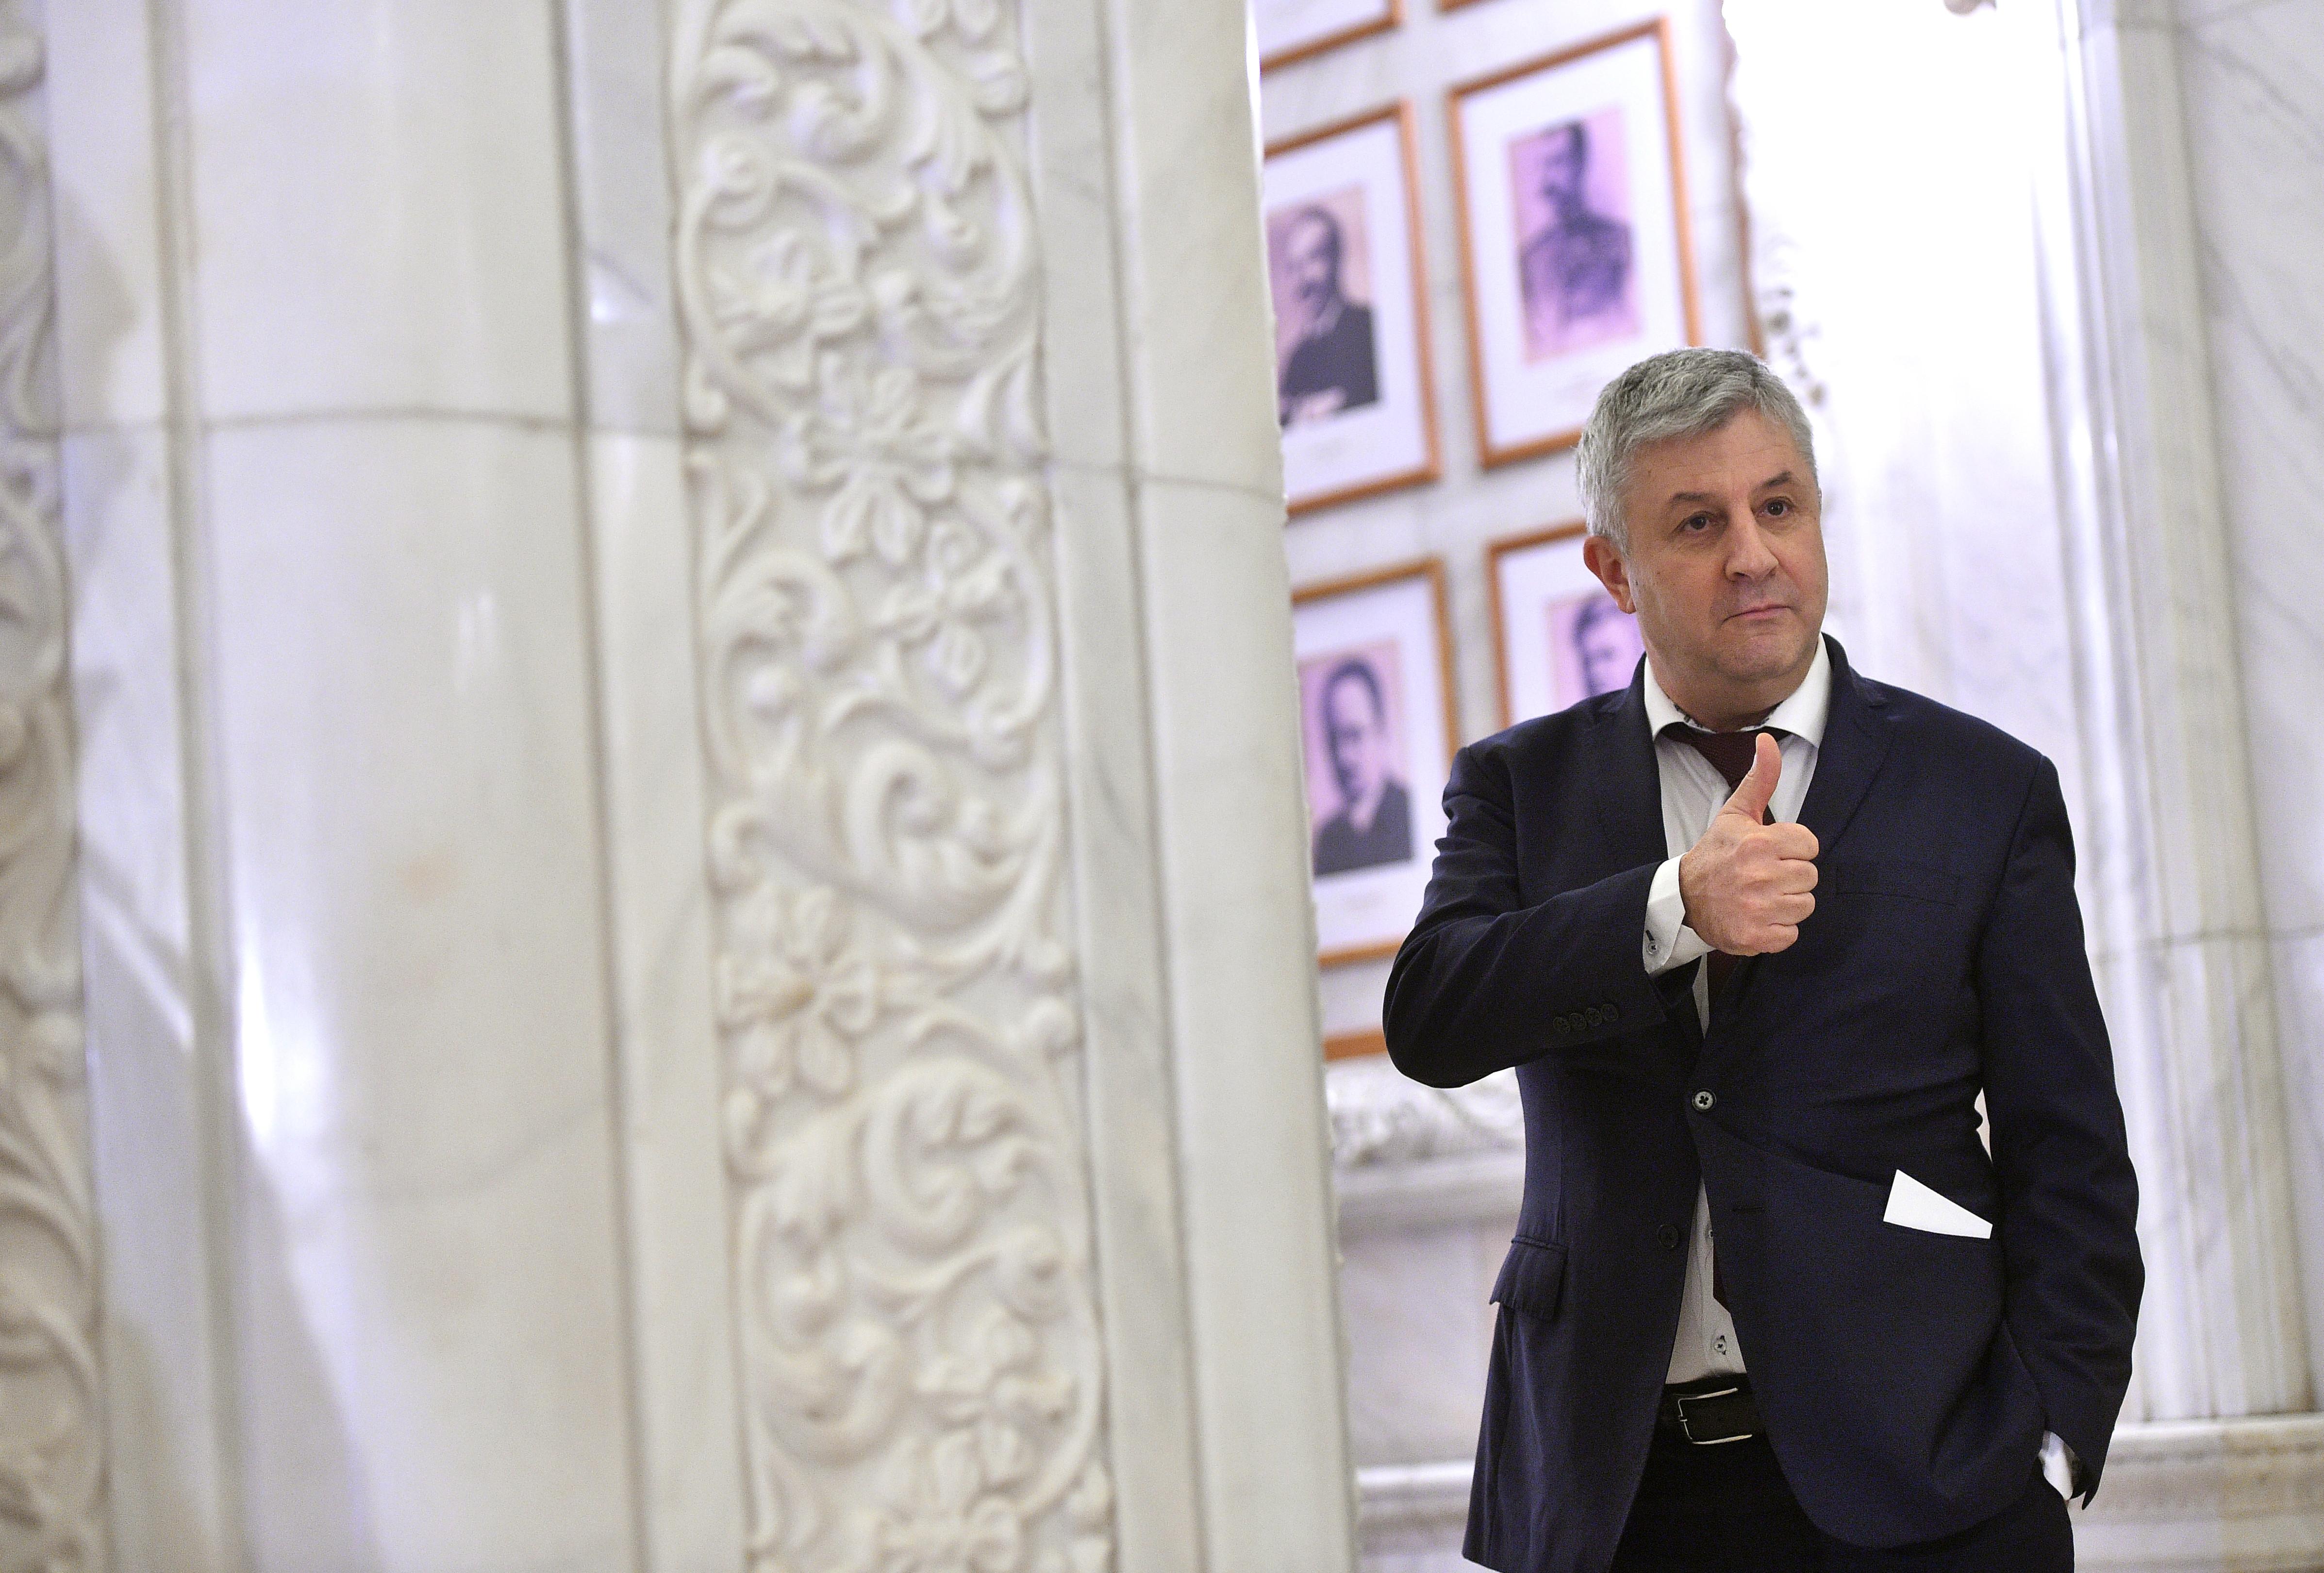 Proiect de lege pentru limitarea mandatului președintelui Consiliului Legislativ la 5 ani. Cine este inițiatorul